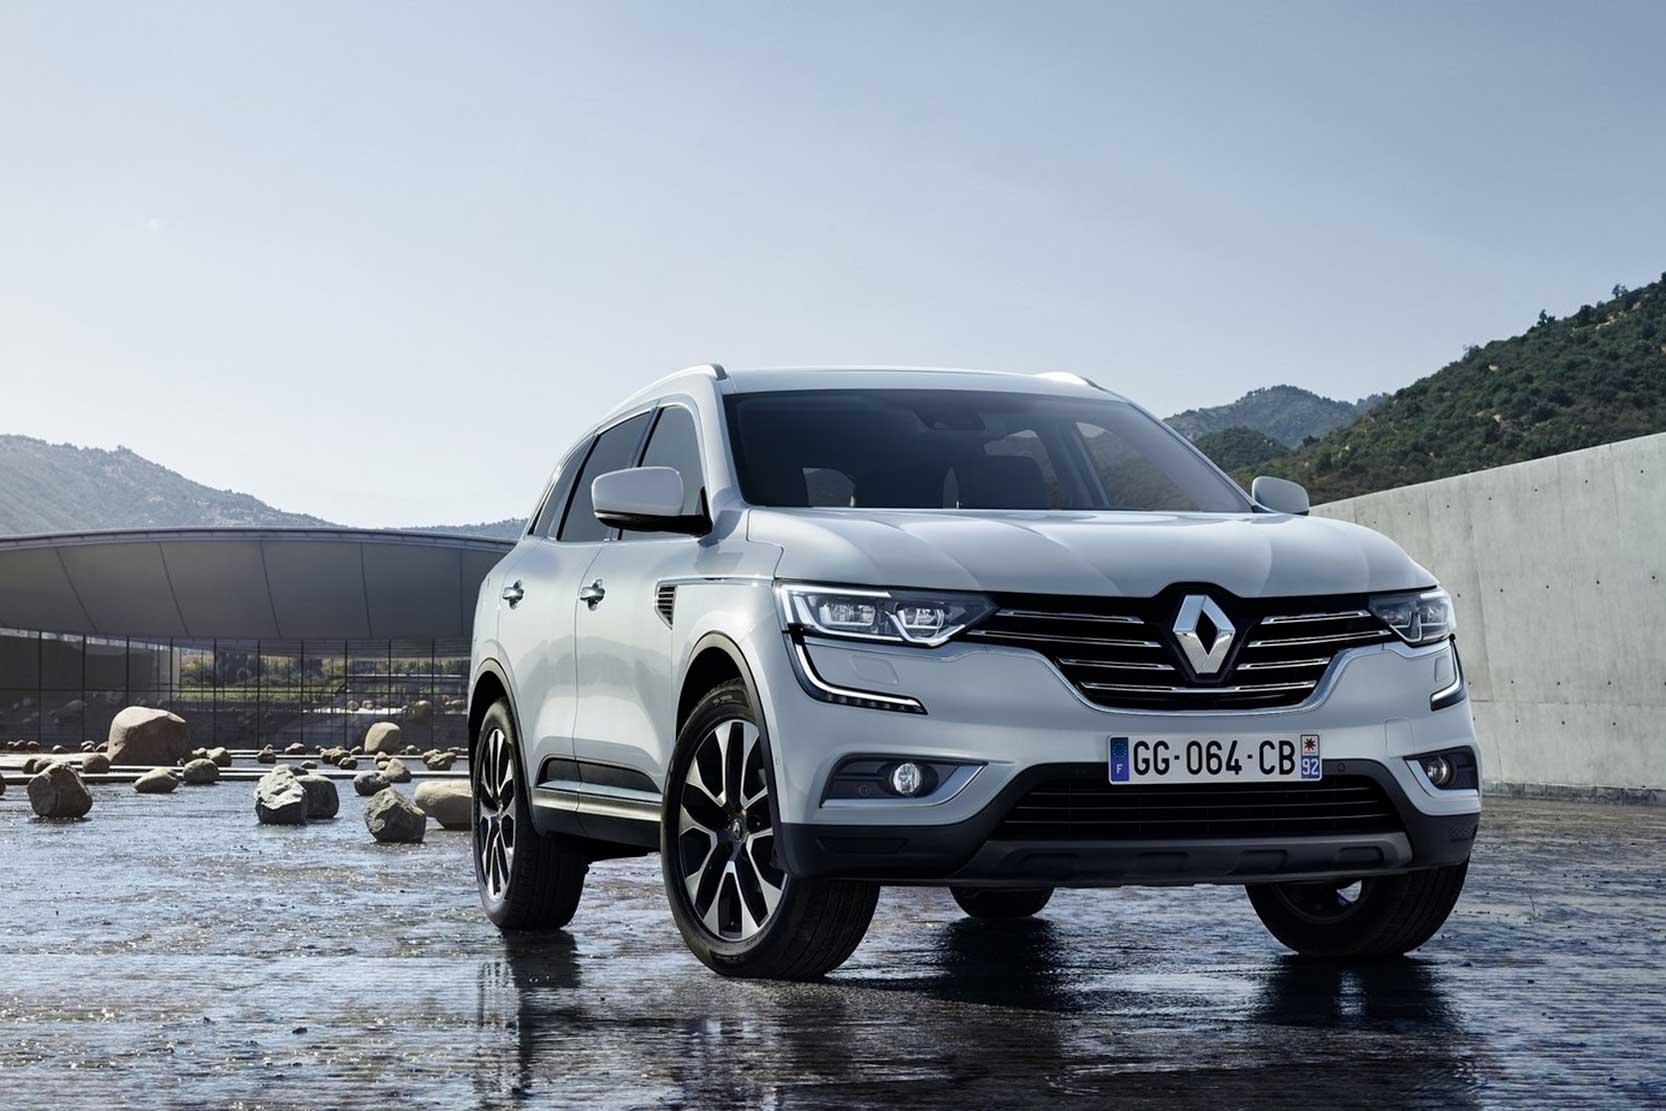 Renault Koleos 2017 Fiche Technique : fiche technique renault koleos 2 0 dci 175 2017 ~ Medecine-chirurgie-esthetiques.com Avis de Voitures